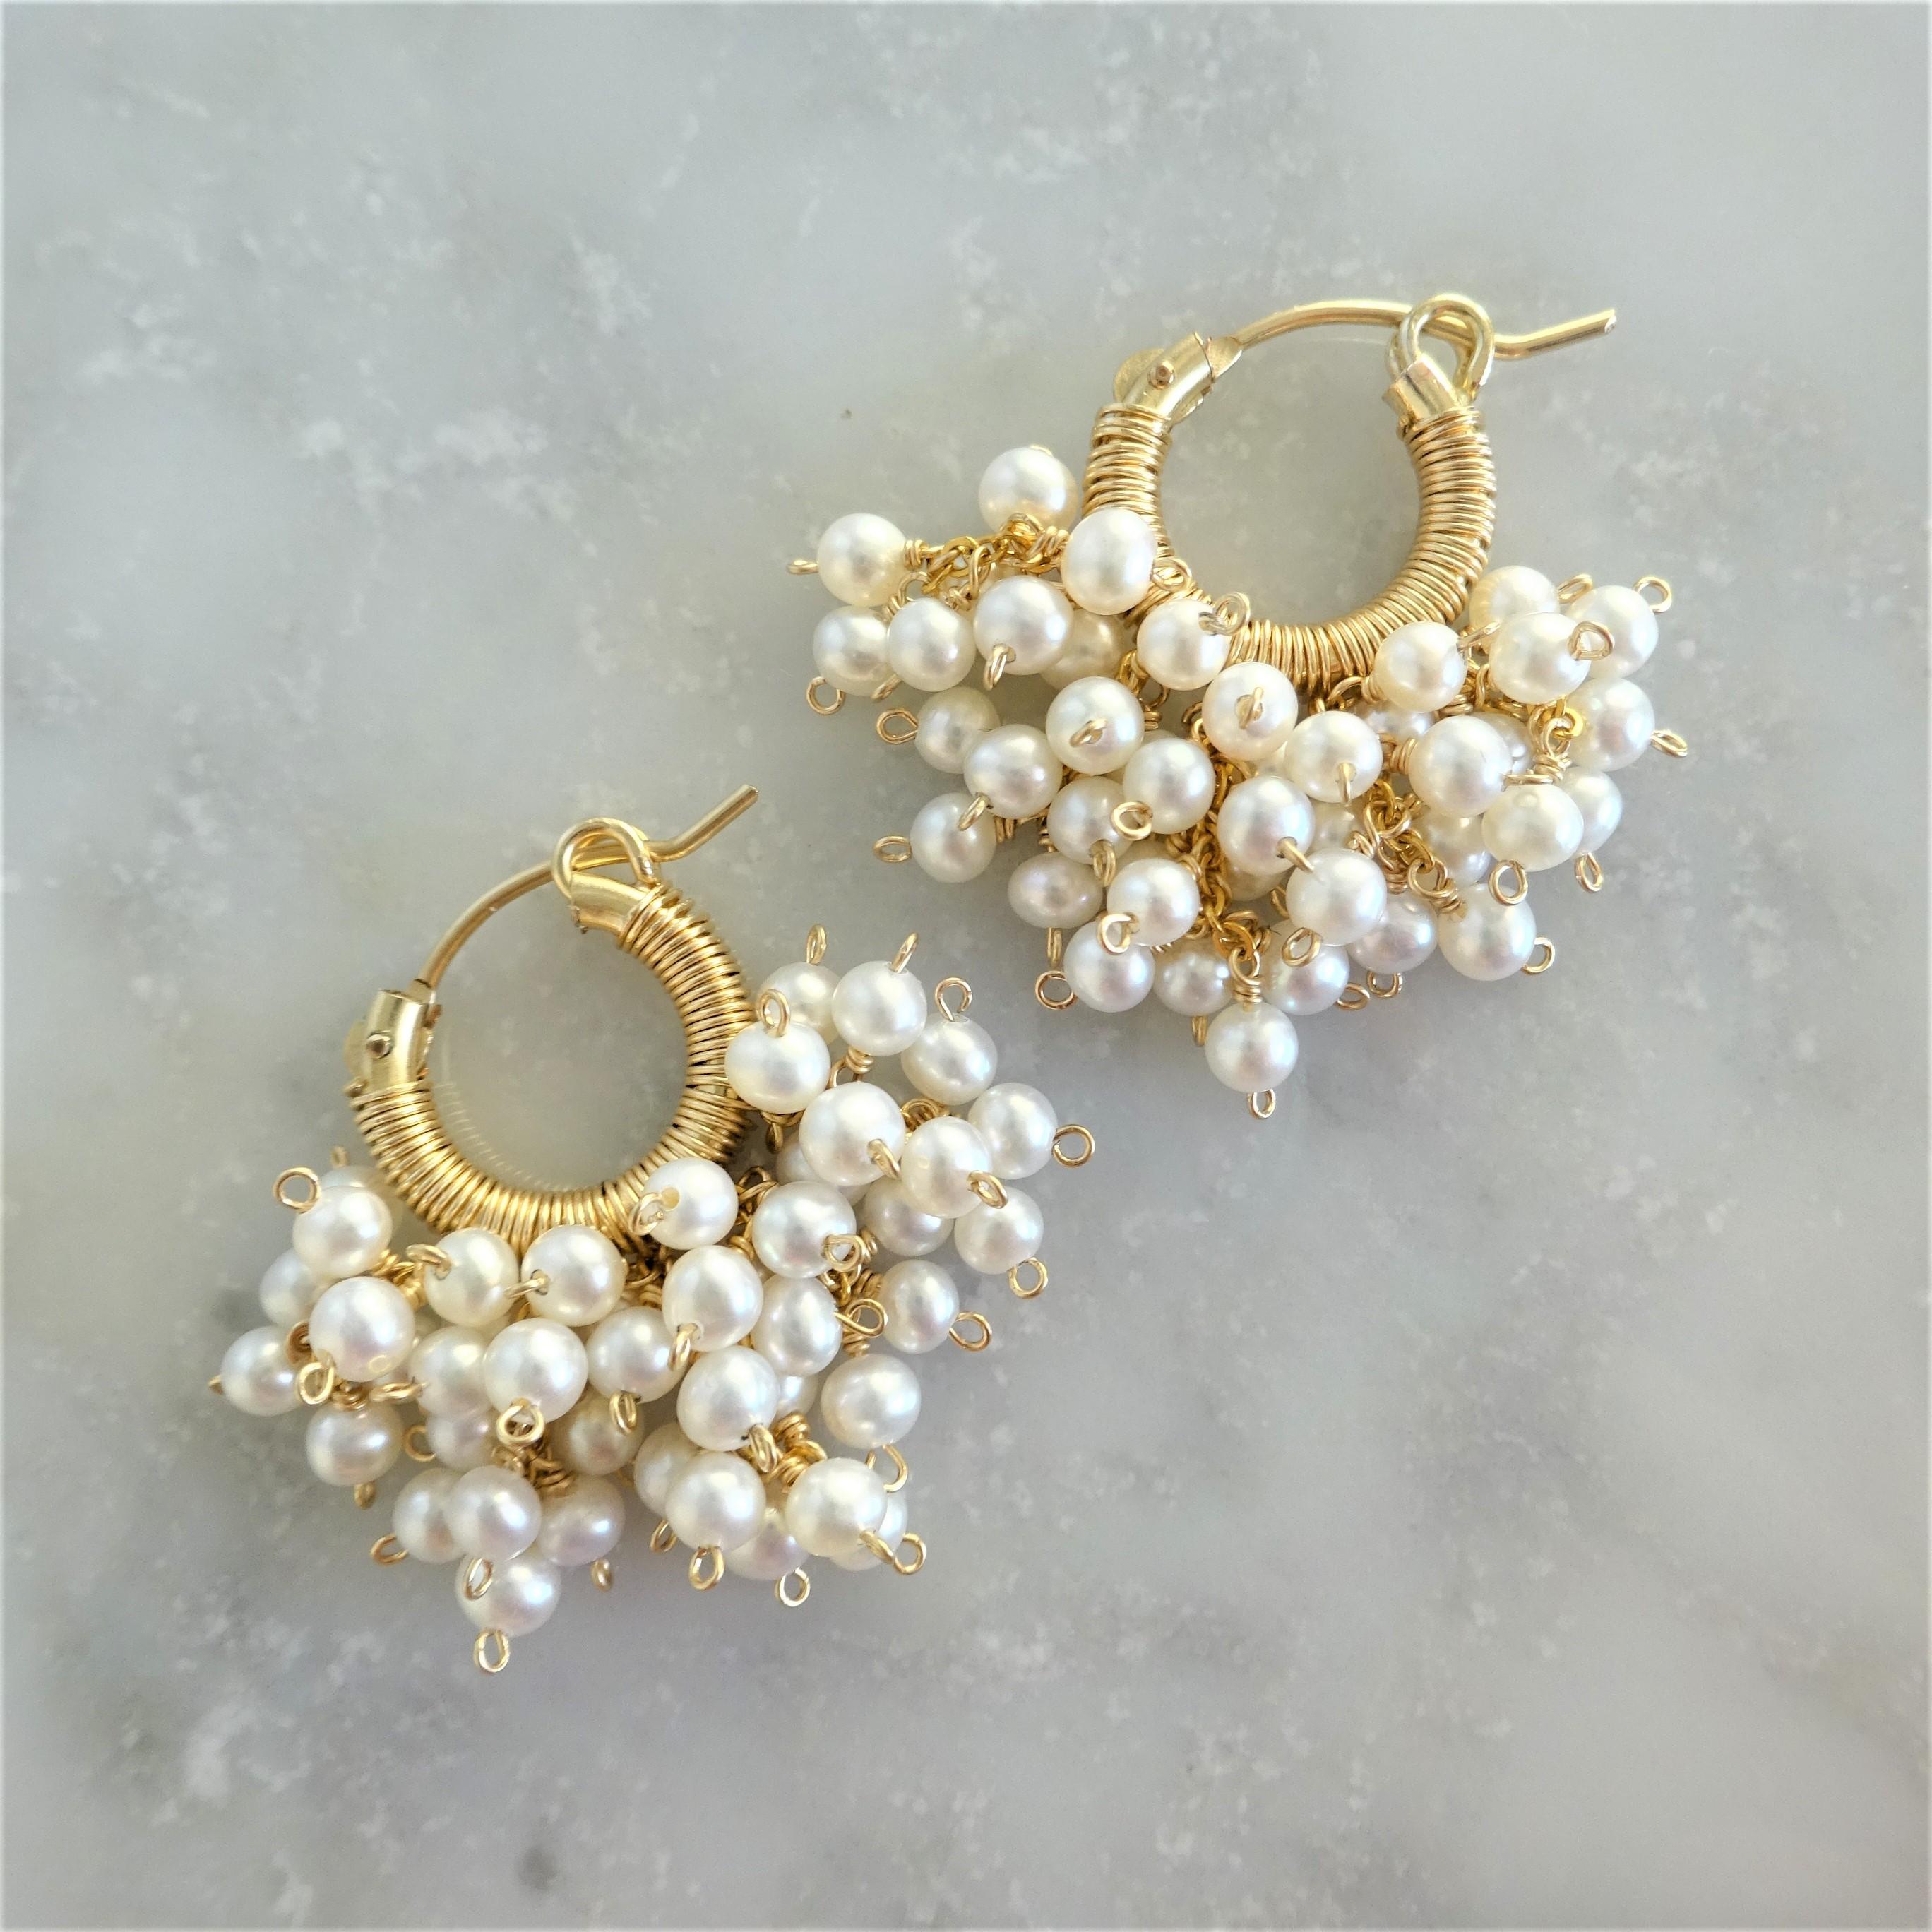 14kgf*AAA volume pearl pierced earring / earring